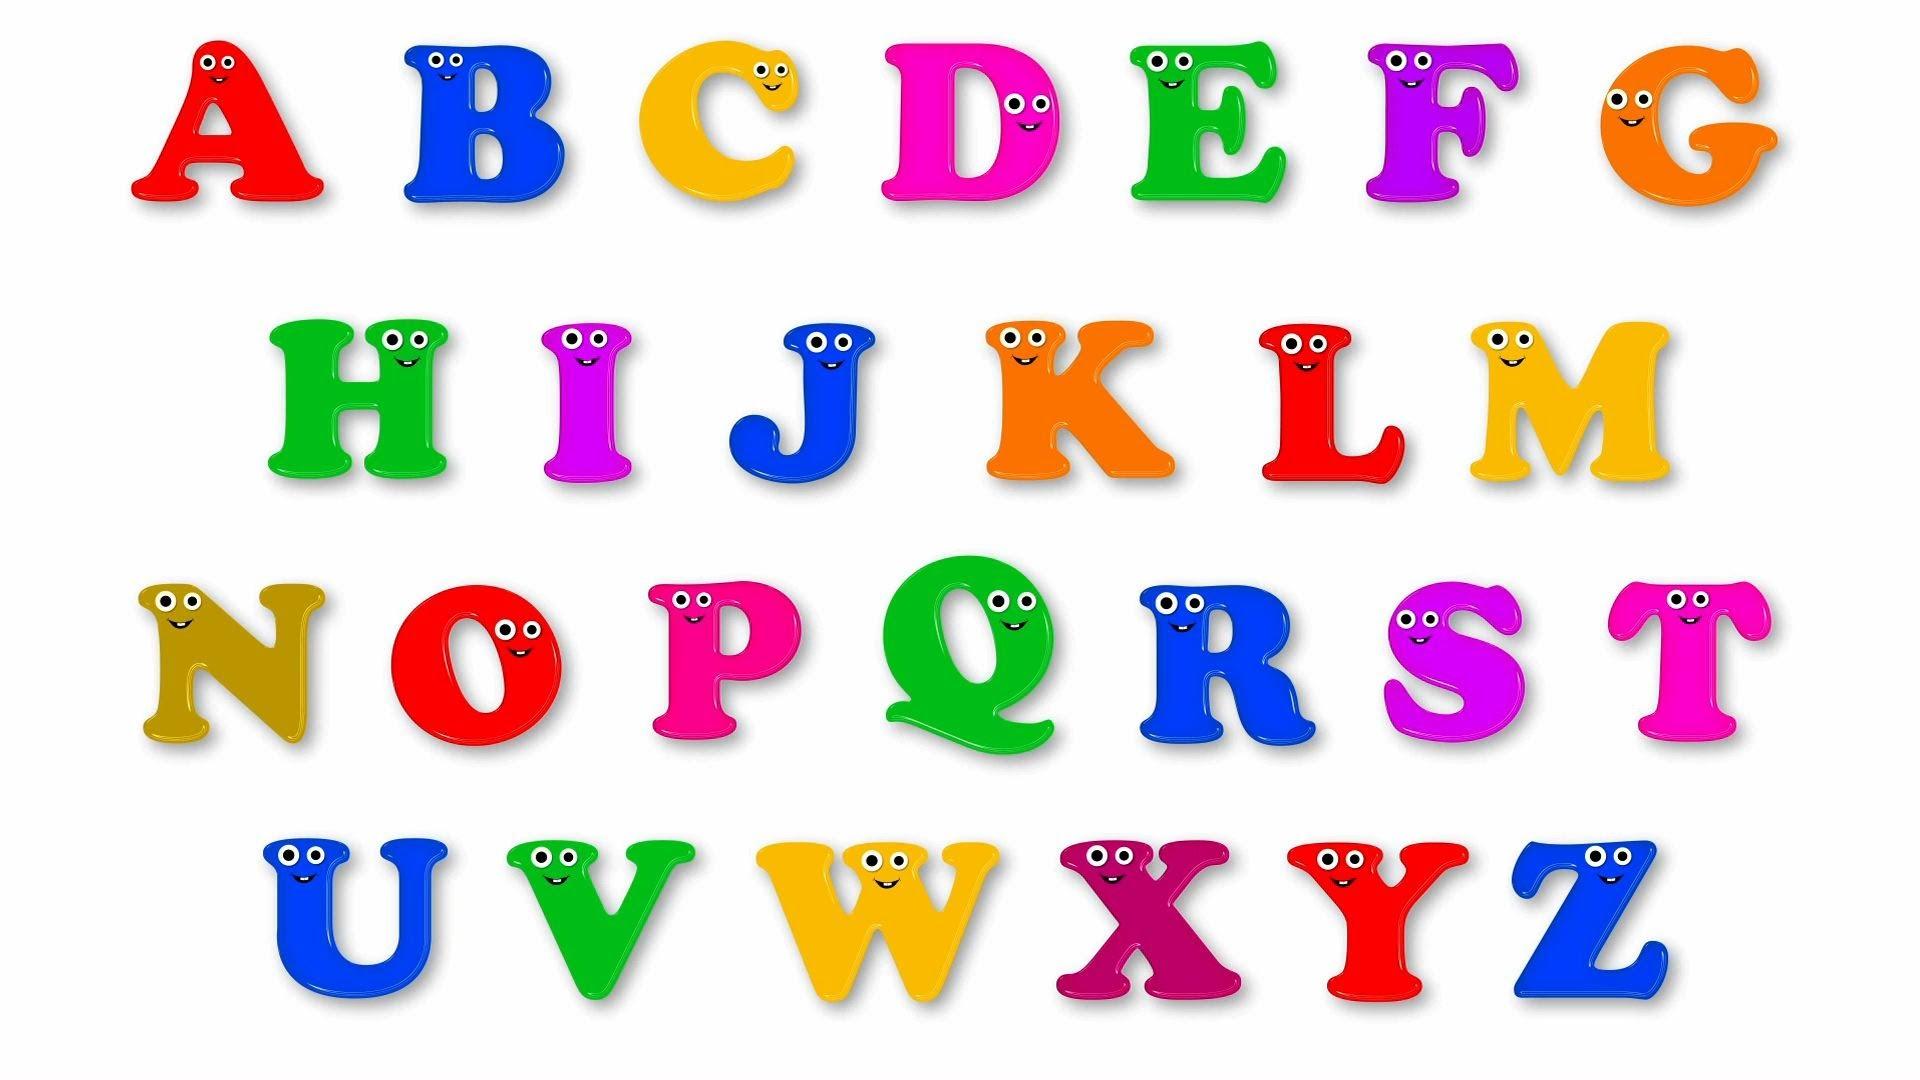 1920x1080 Abc Songs Abcd Song Abc Rhyme Kids Tv Nursery Rhymes S01ep93